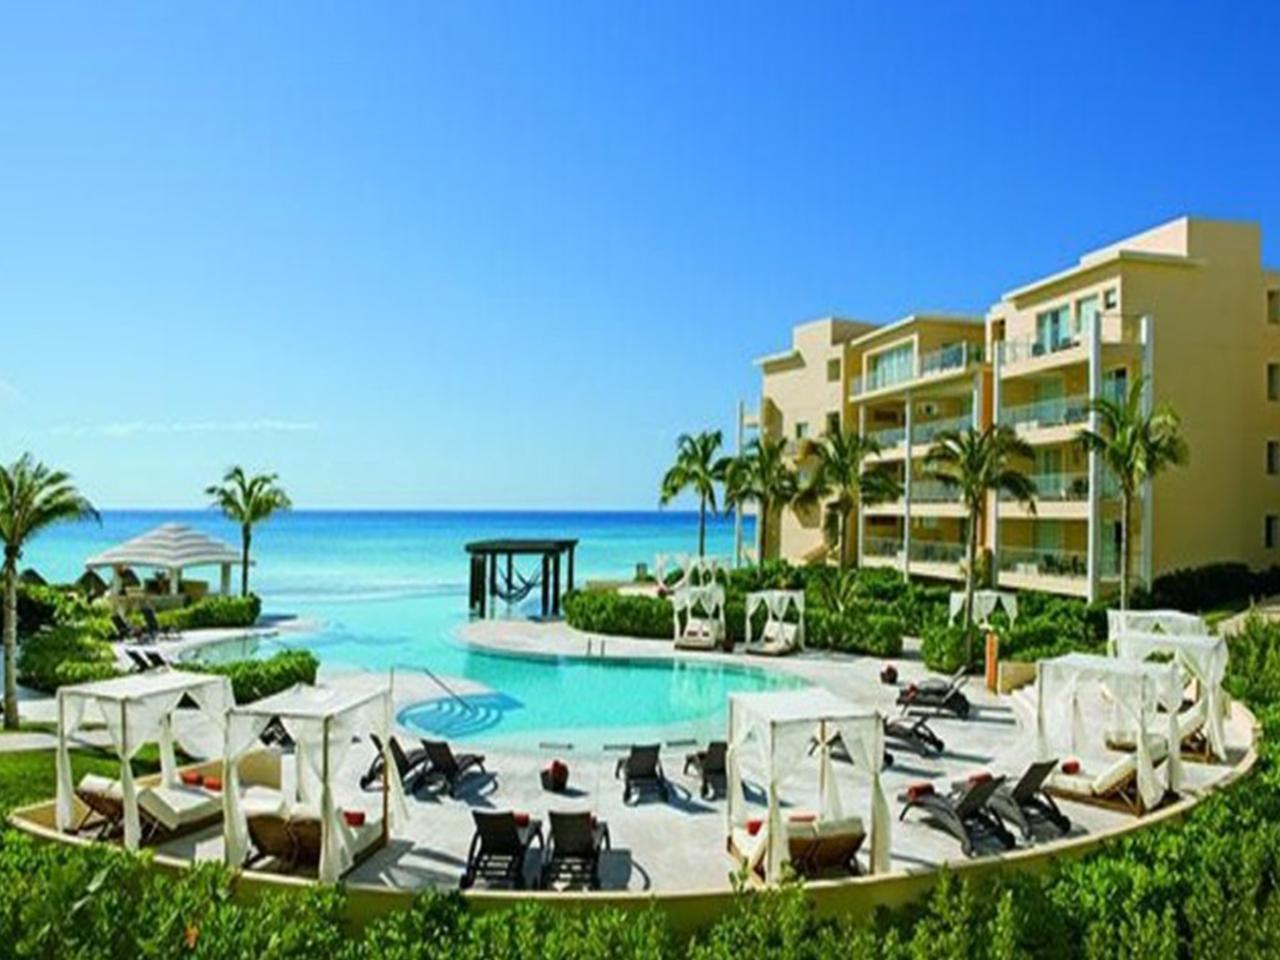 Bodas en la playa paquetes - hotel vista